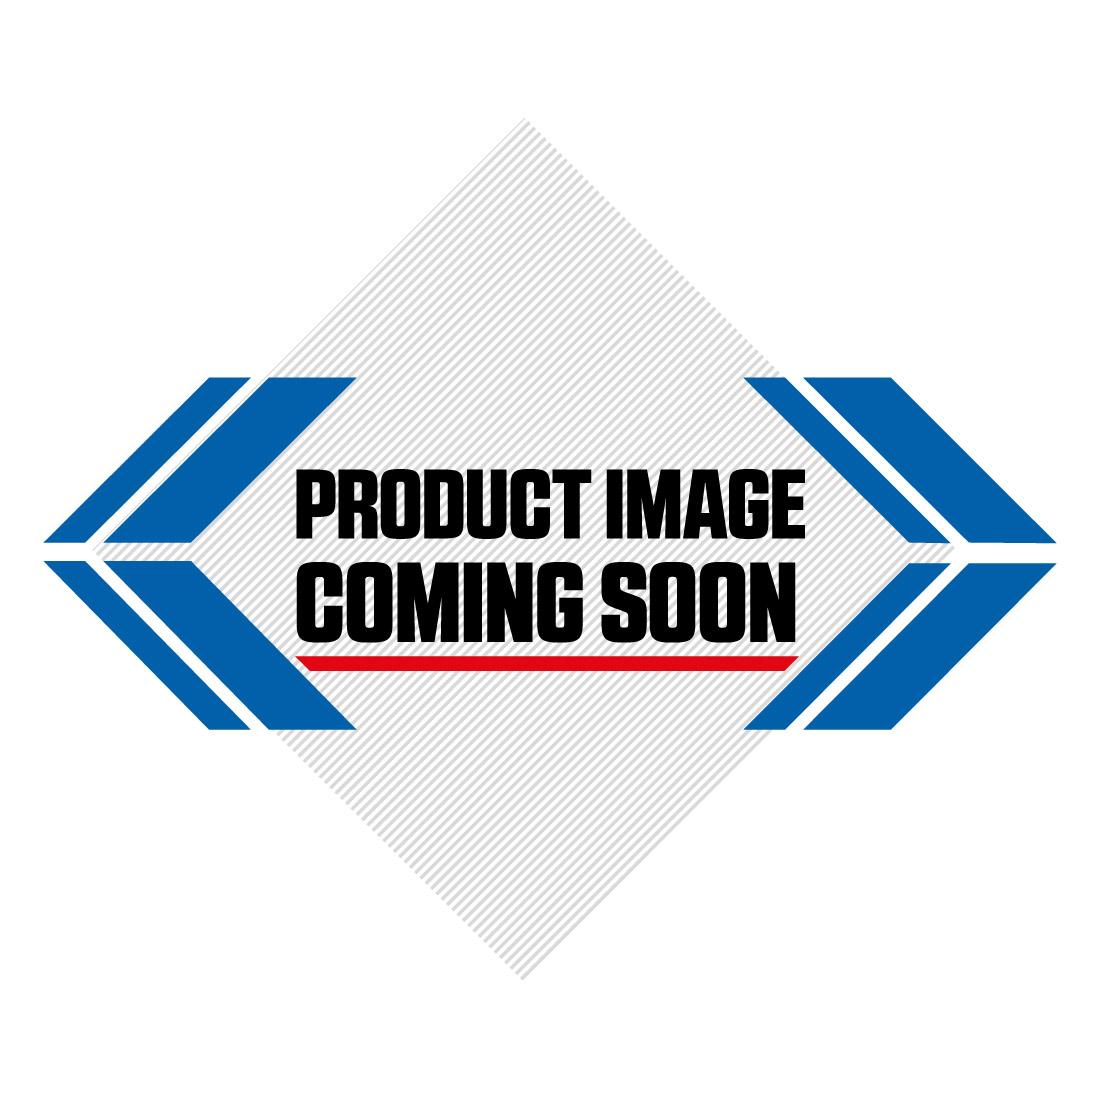 UFO Plastic Kit Husqvarna OEM Factory Image-4